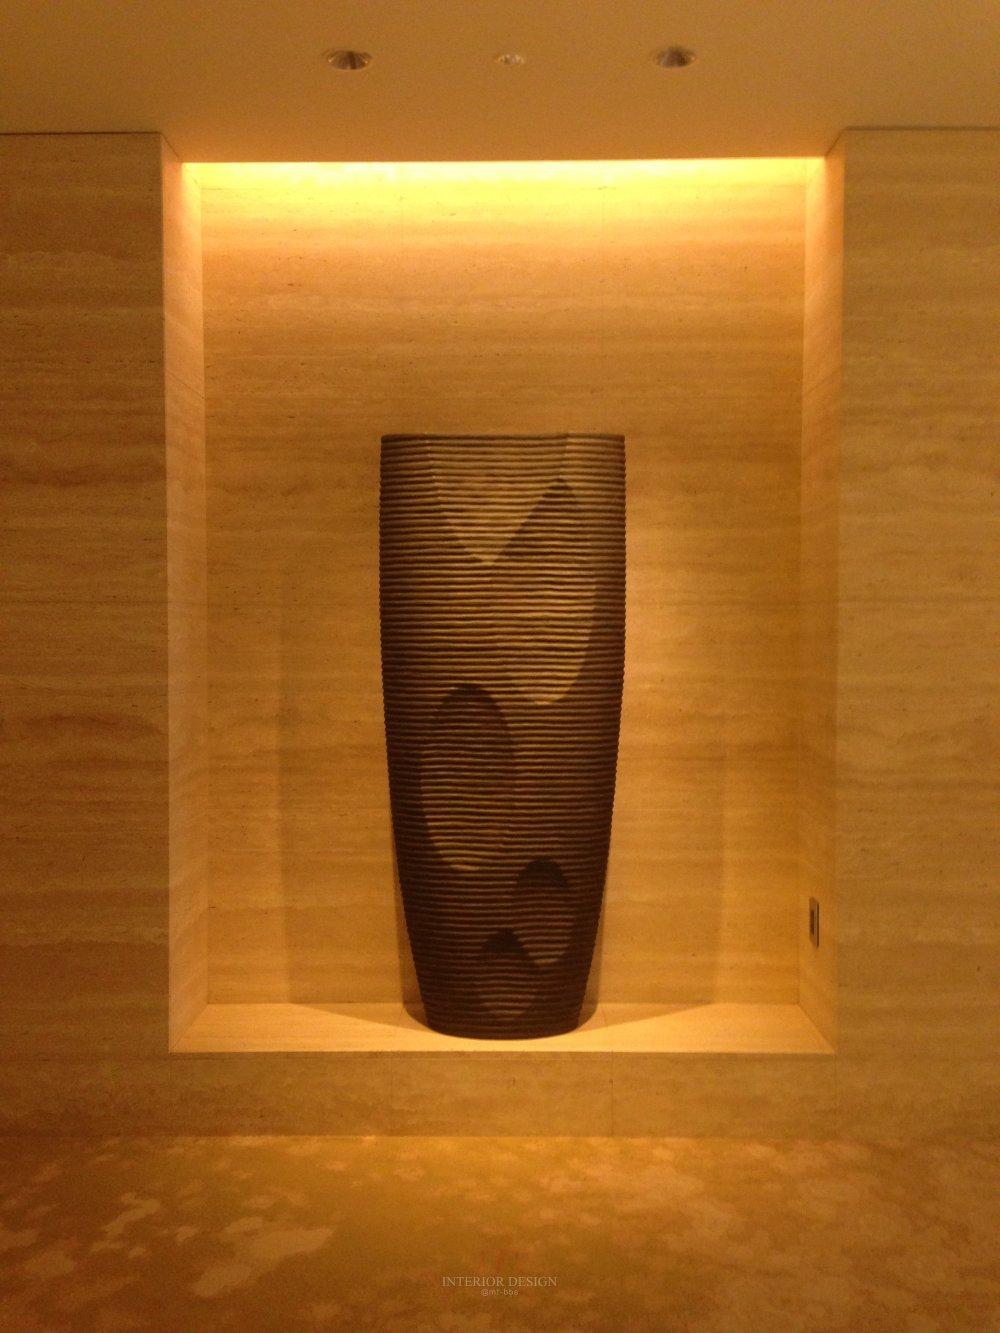 #伙伴一起看日本#  日本设计考察分享(更新美秀美术馆)_IMG_4778.JPG